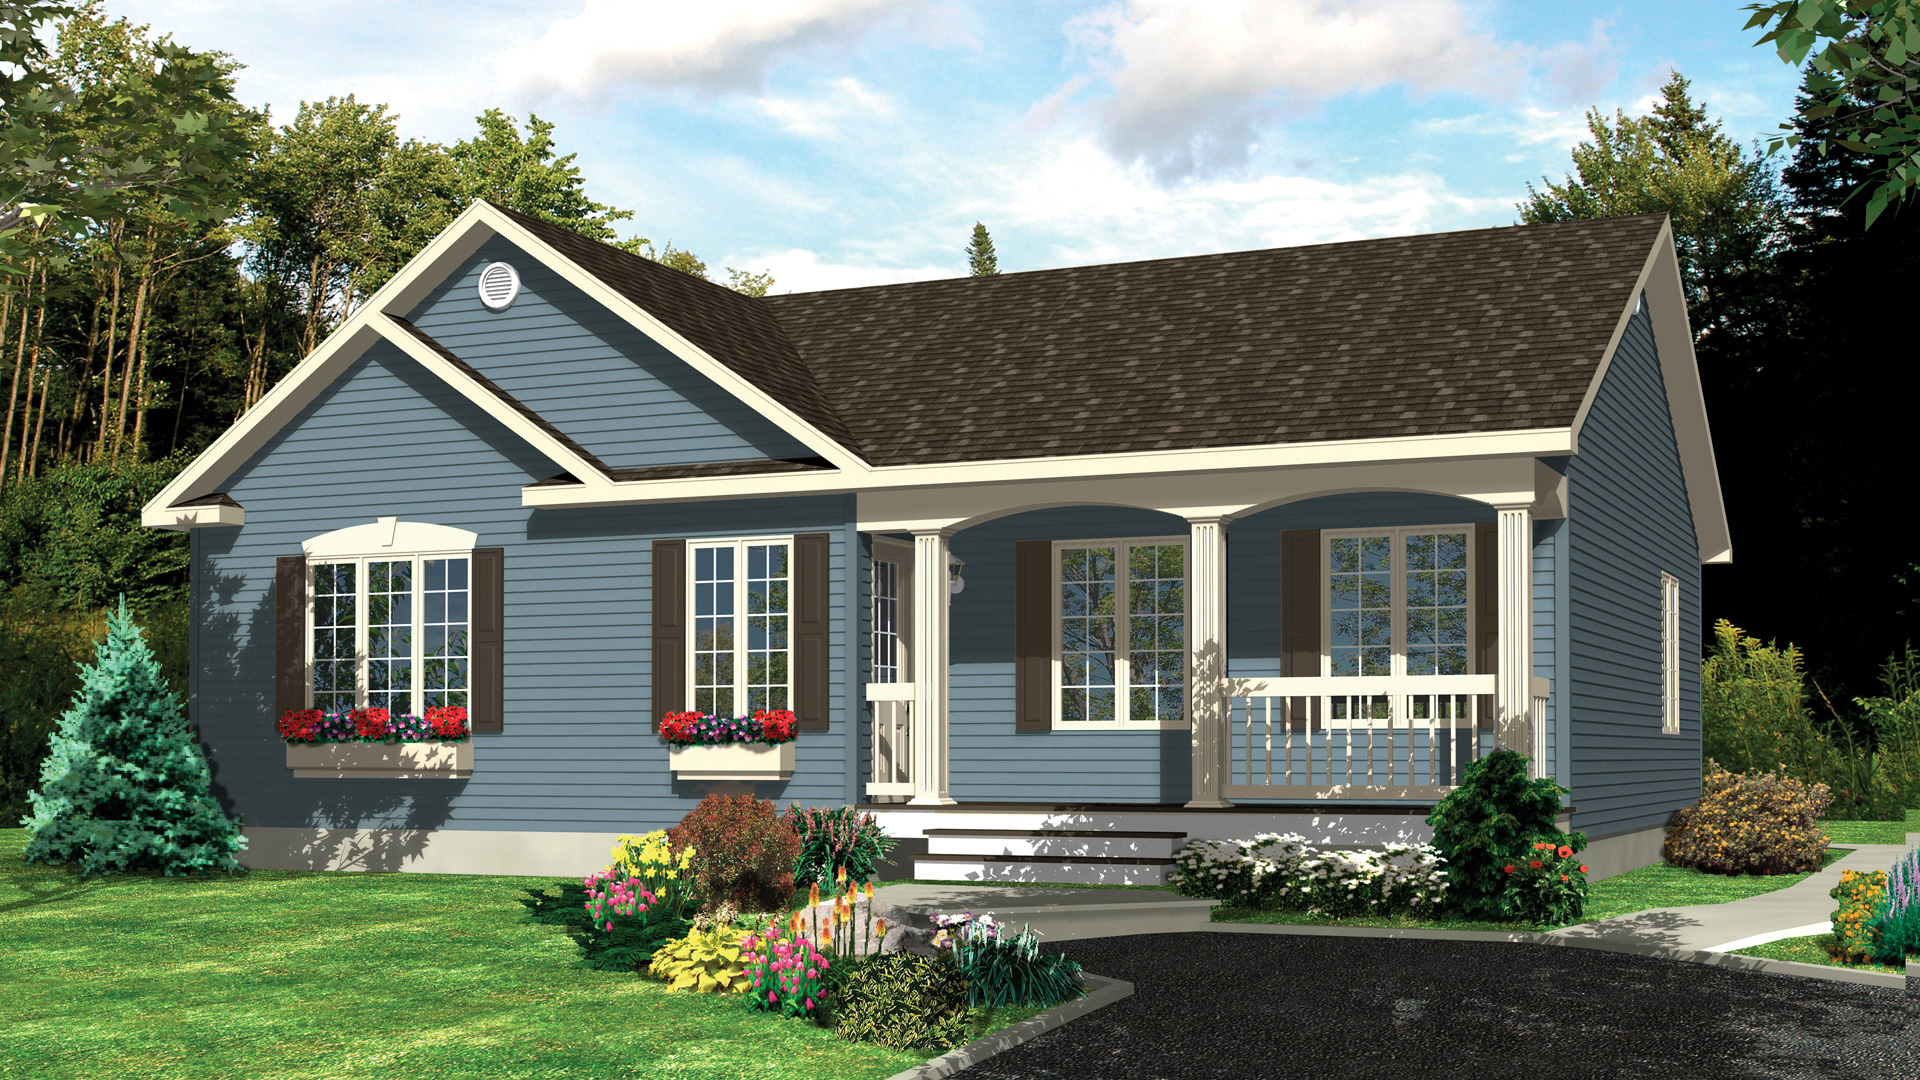 Mod le turquoise maison champ tre pro fab constructeur de maisons modulaires et usin es for Maison modele profab